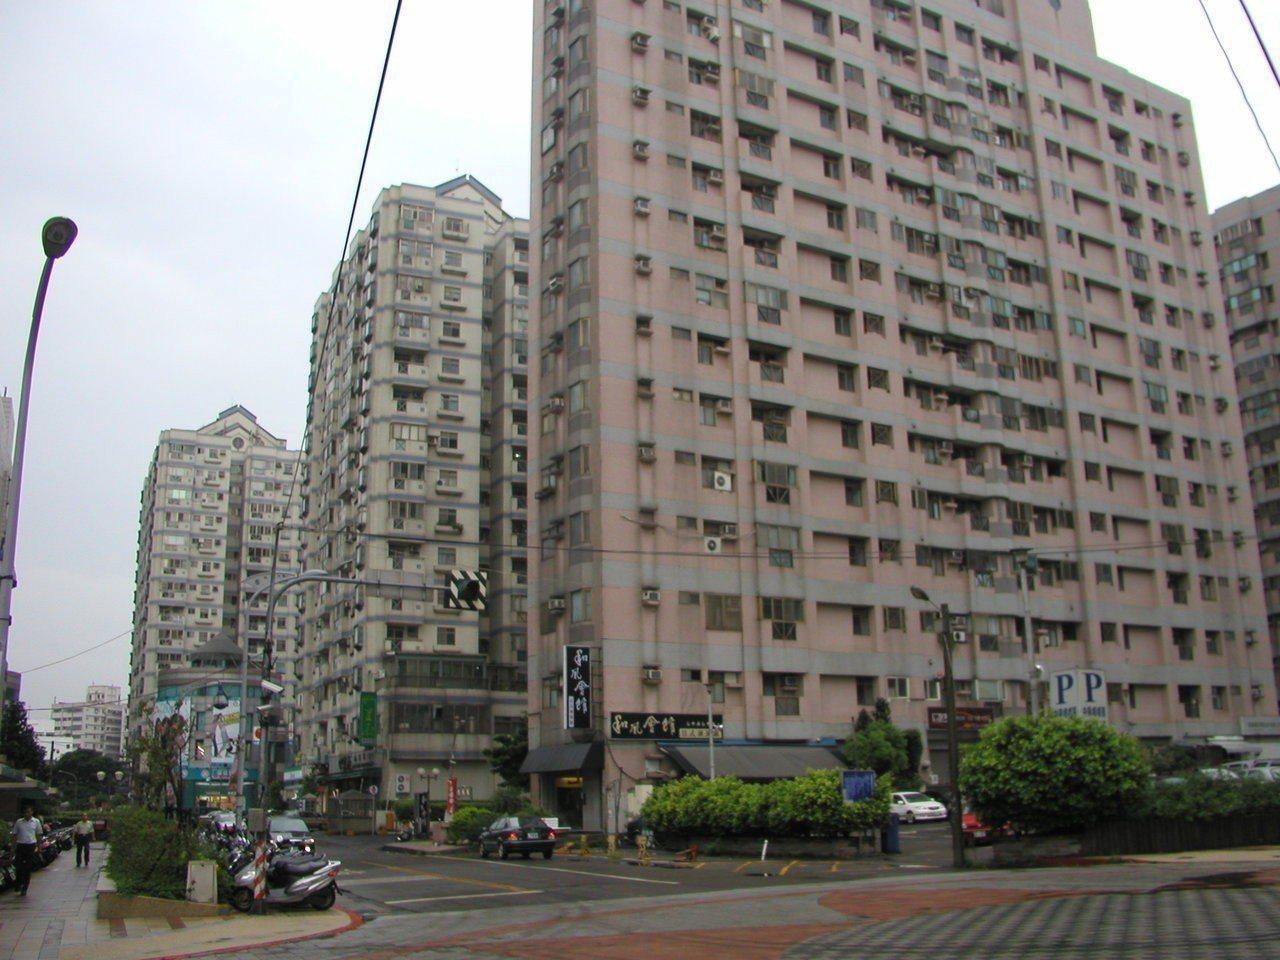 戶數多的大樓、尤其是小坪數的社區,不少是買來置產出租,租客品質不一、出入人口複雜...